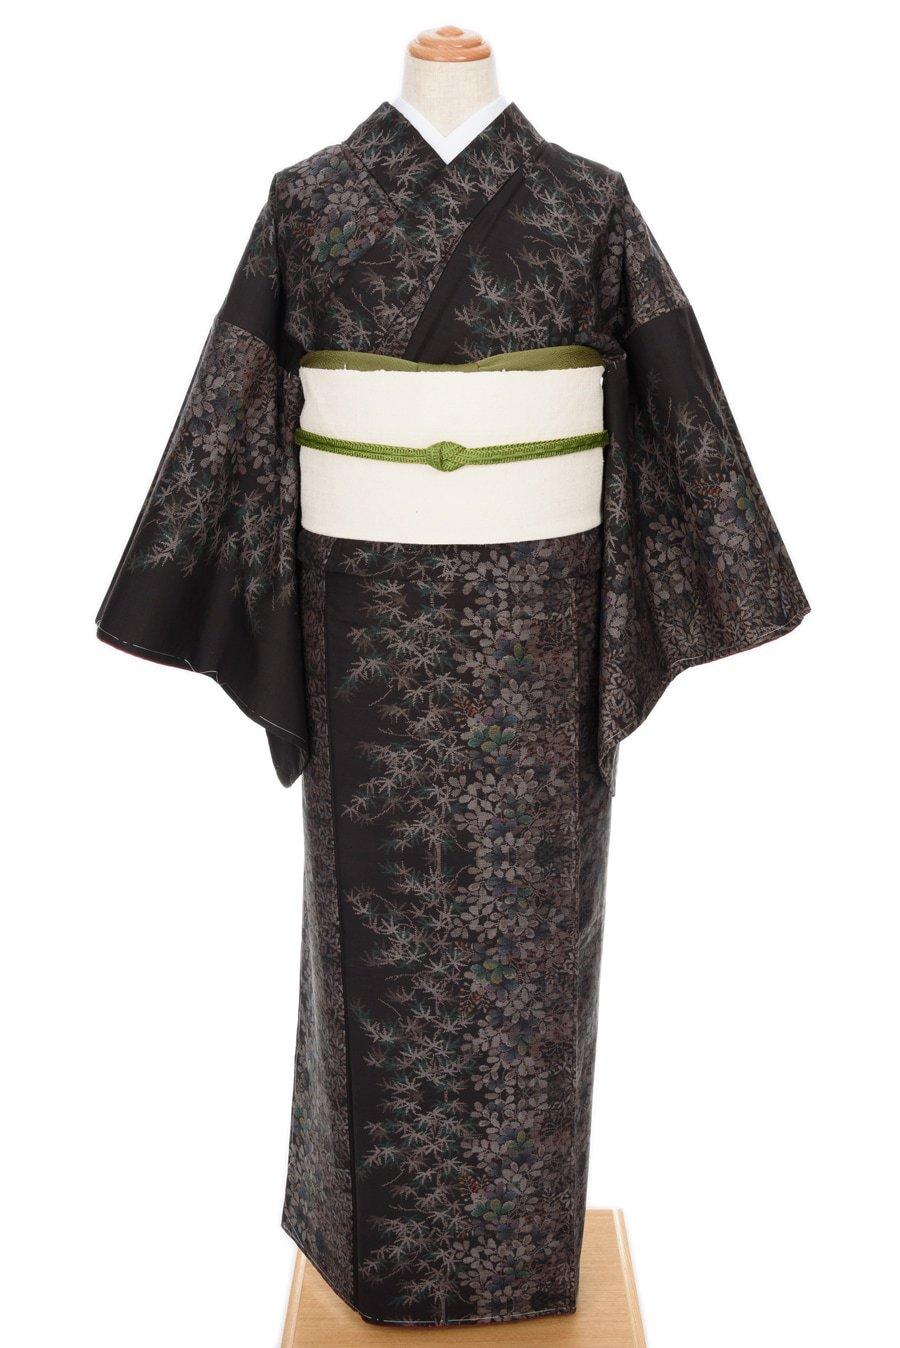 「大島紬 萩と楓」の商品画像